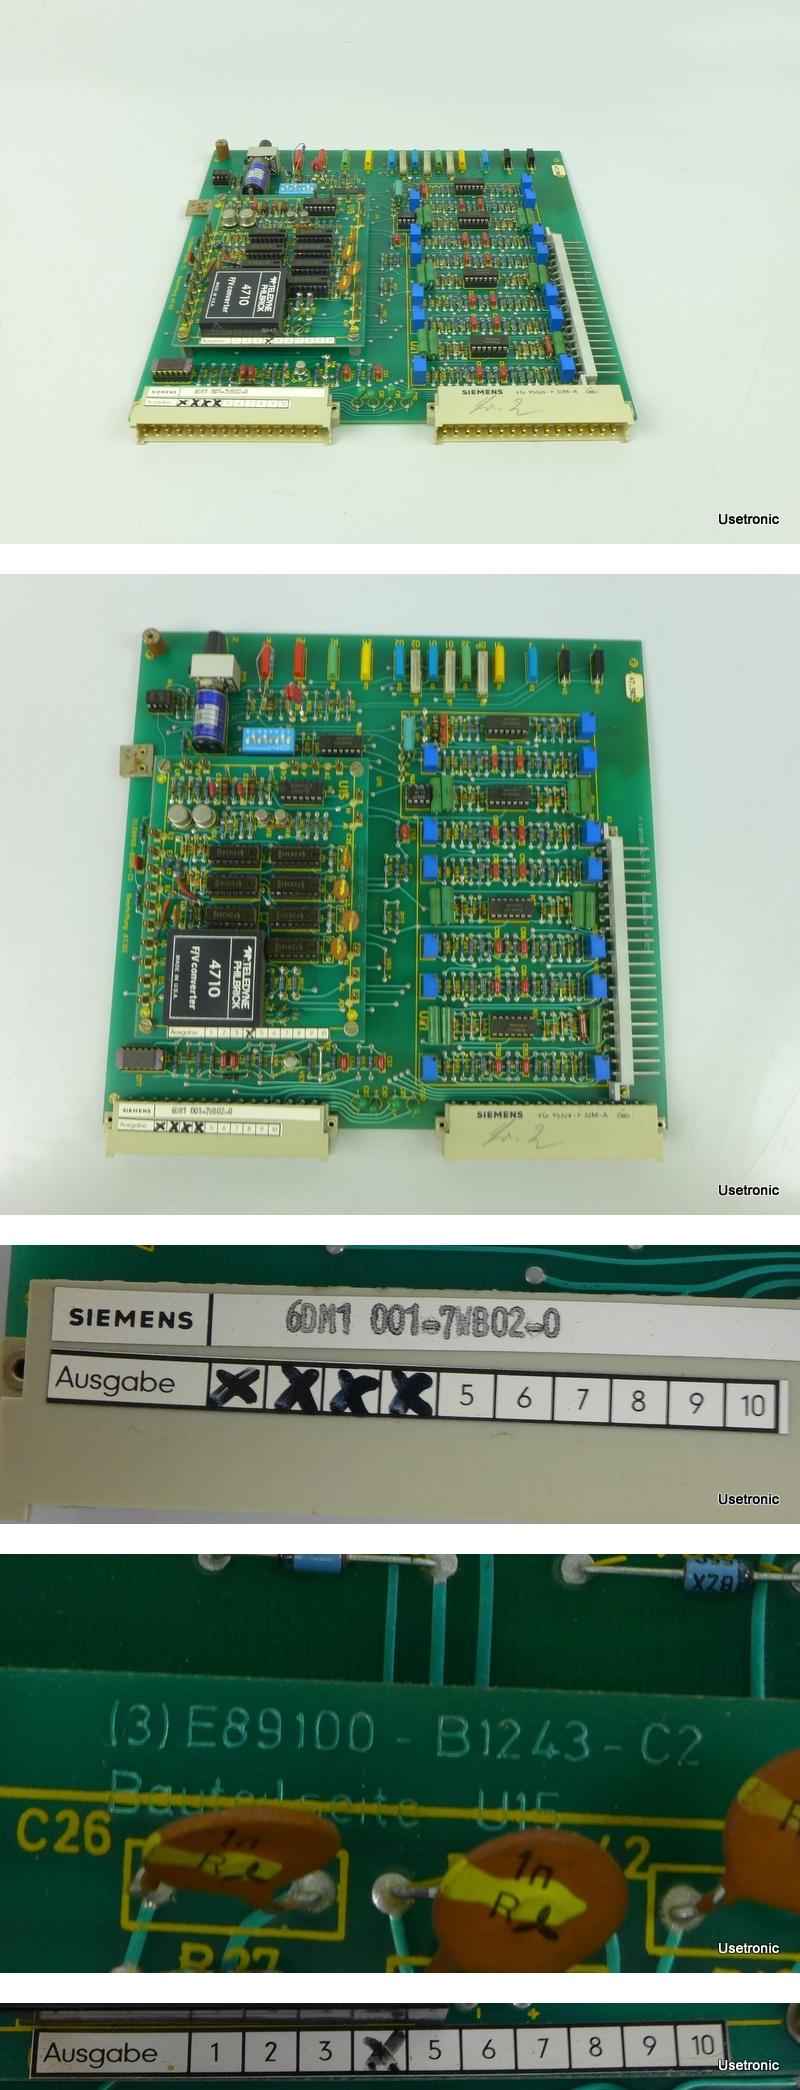 Siemens 6DM1001 7WB02 0